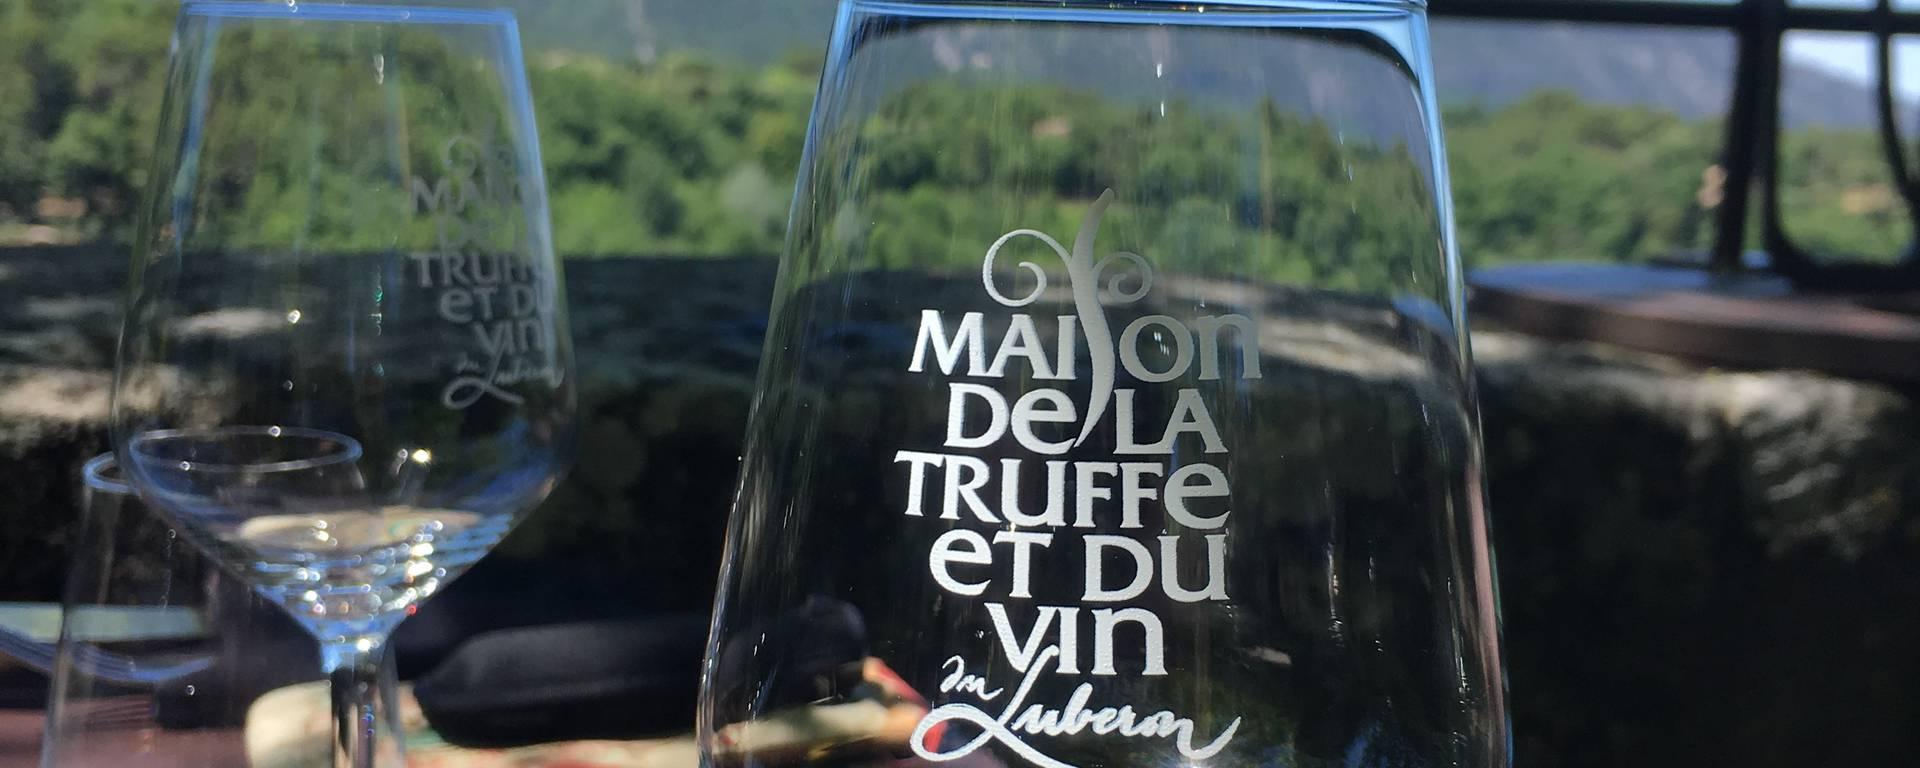 Ménerbes Maison de la truffet et du vin luberon pays d'Apt